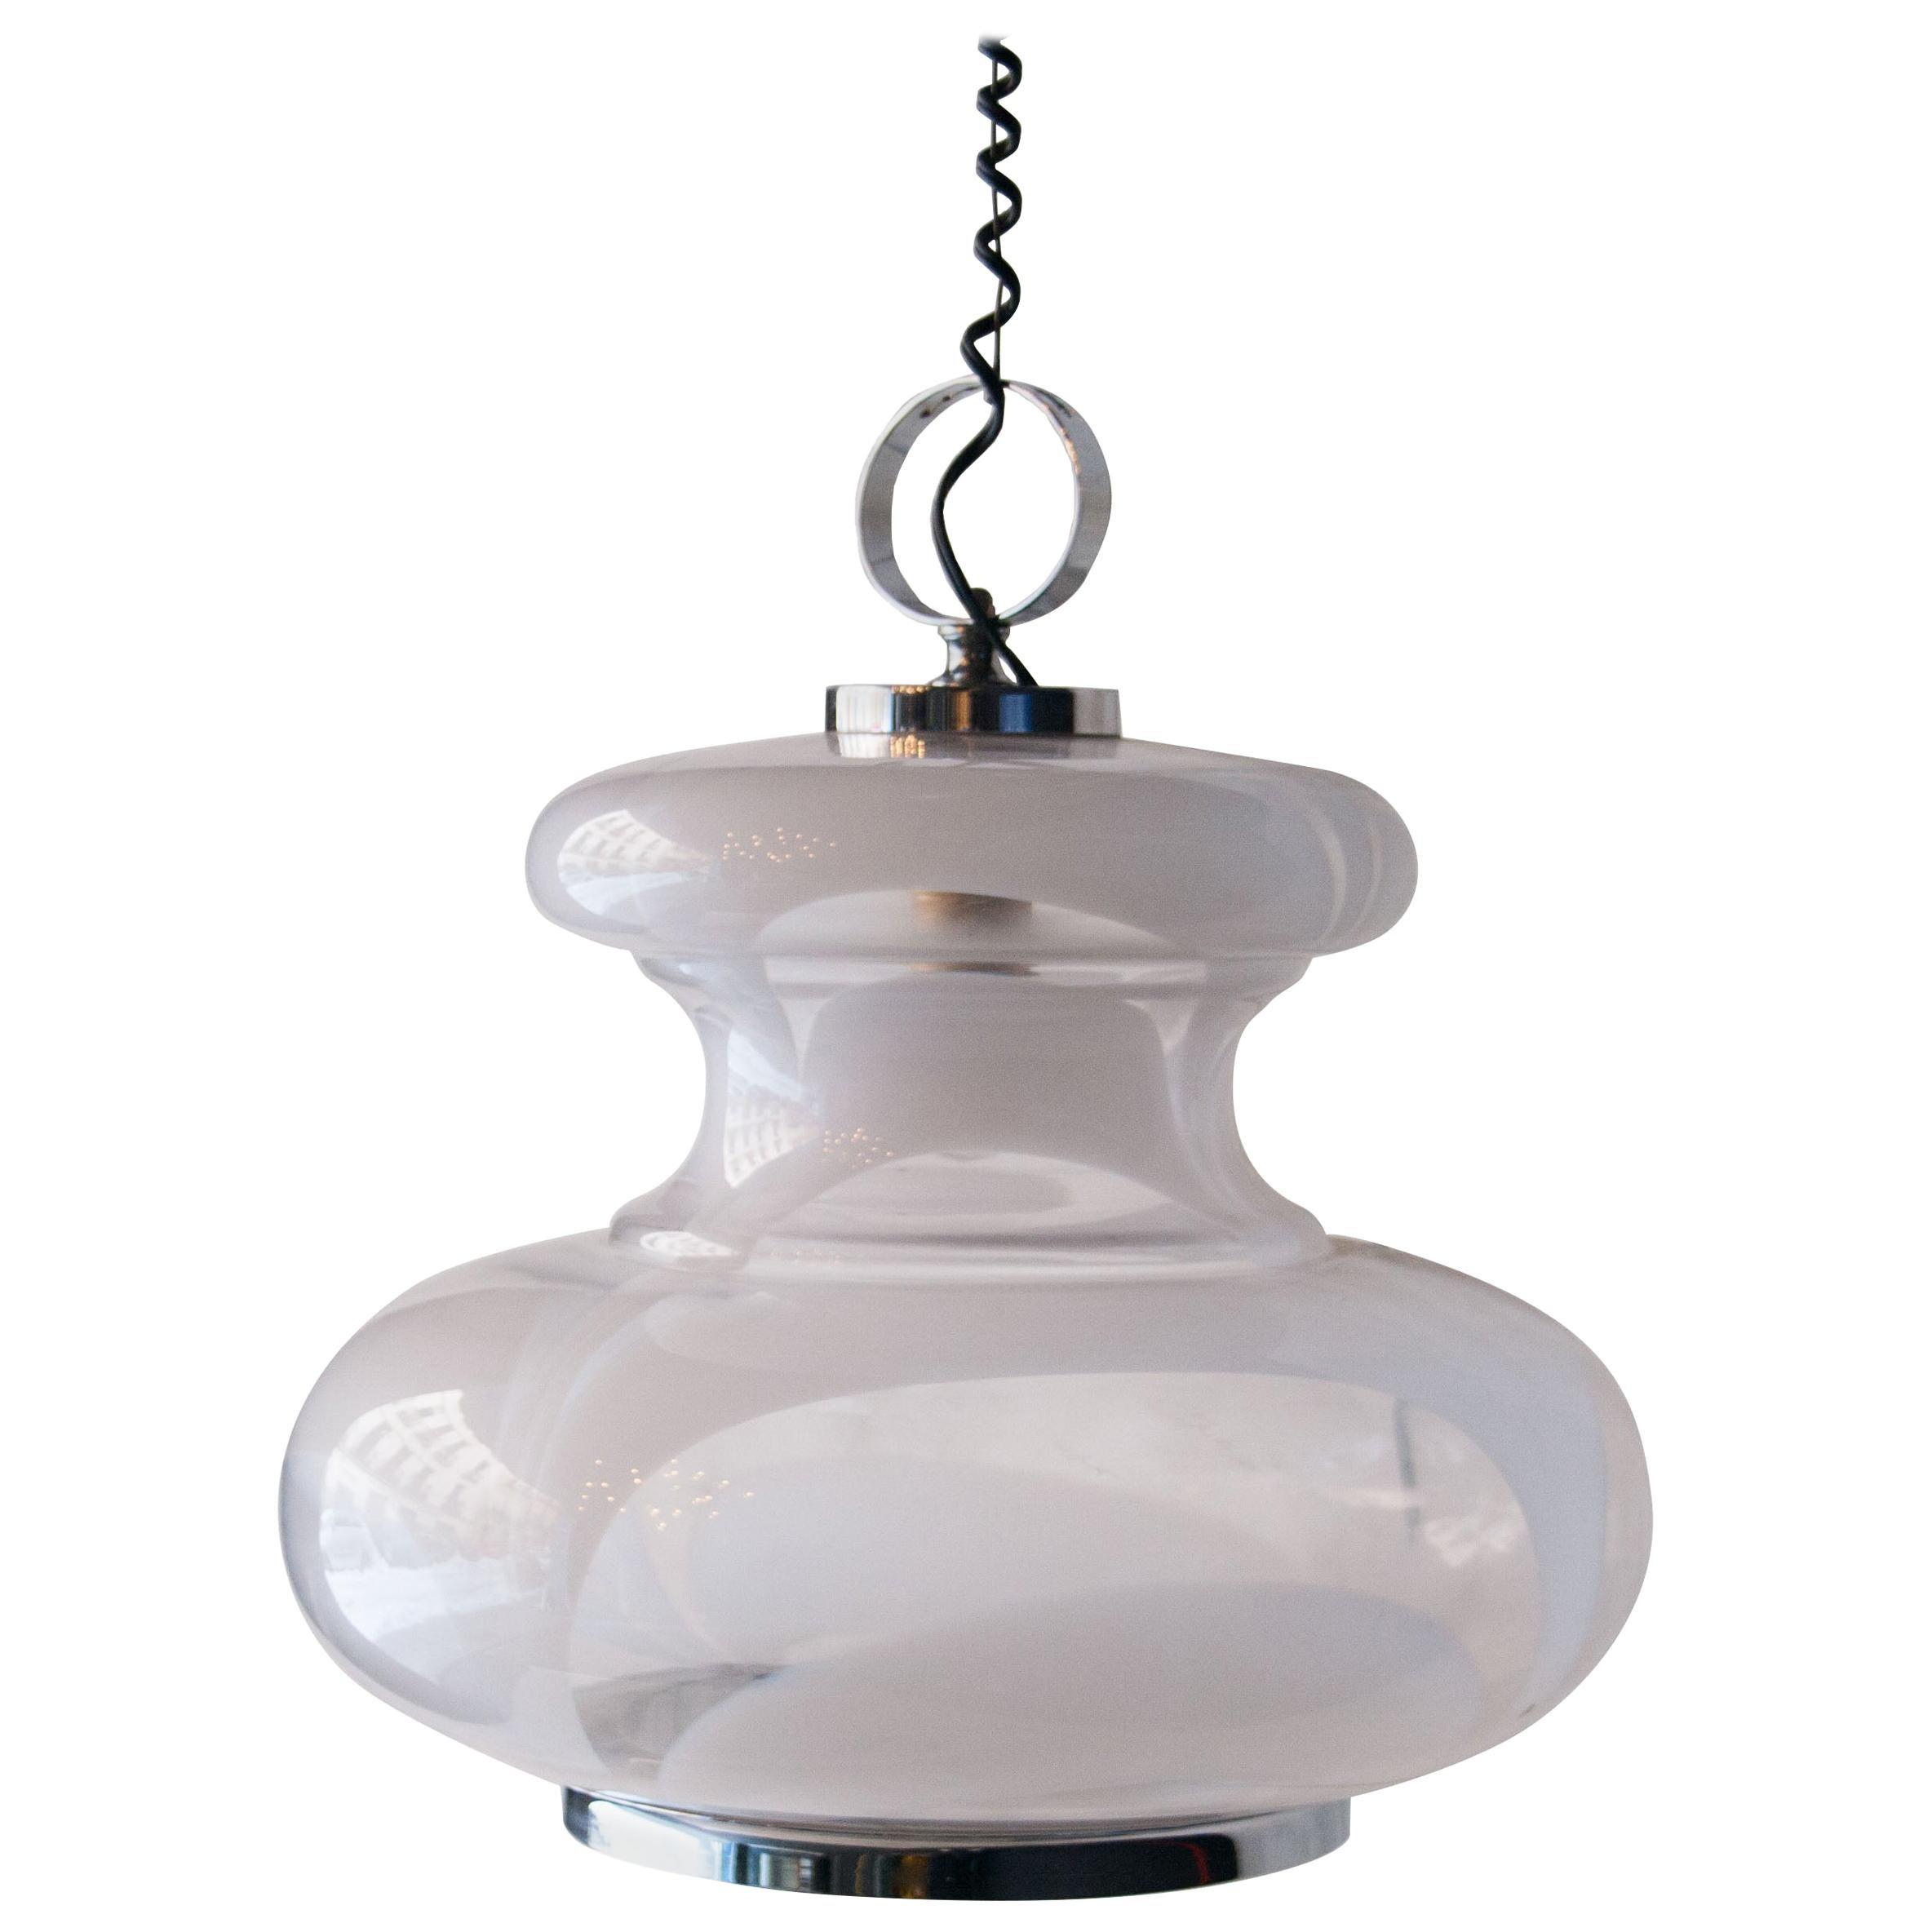 Angelo Brotto White Murano Glass Chromed Hanging Lamp, Italy, 1950